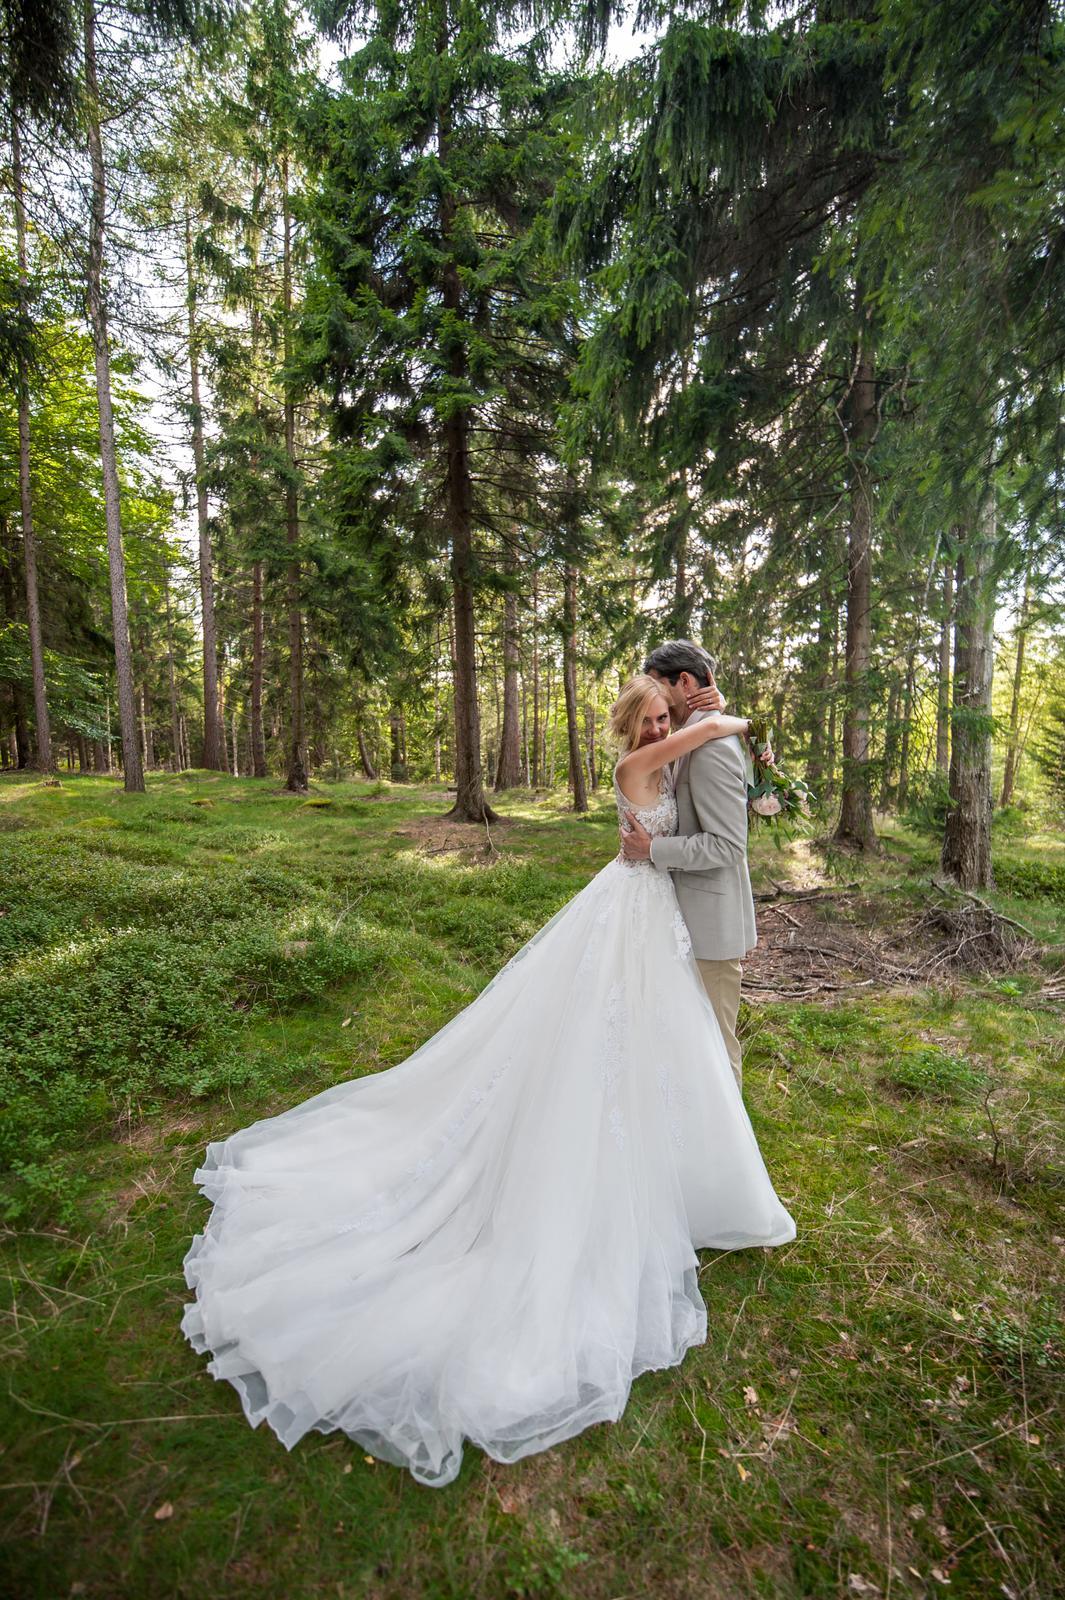 Wedding ♥ - Obrázek č. 75